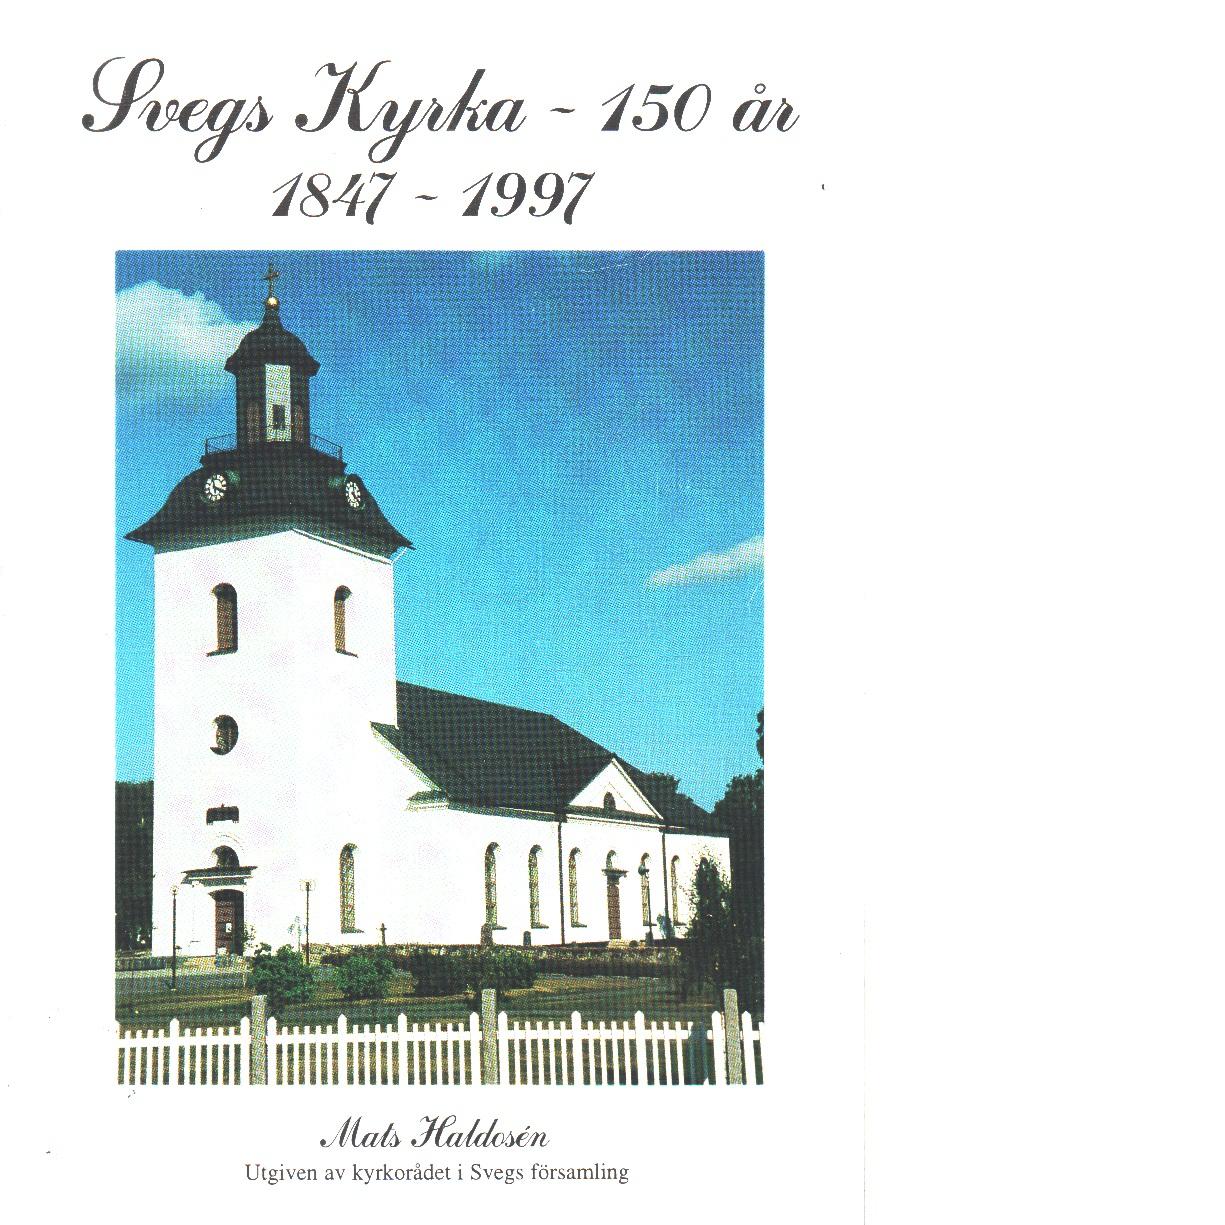 Svegs kyrka 150 år : 1847-1997 - Haldosén, Mats